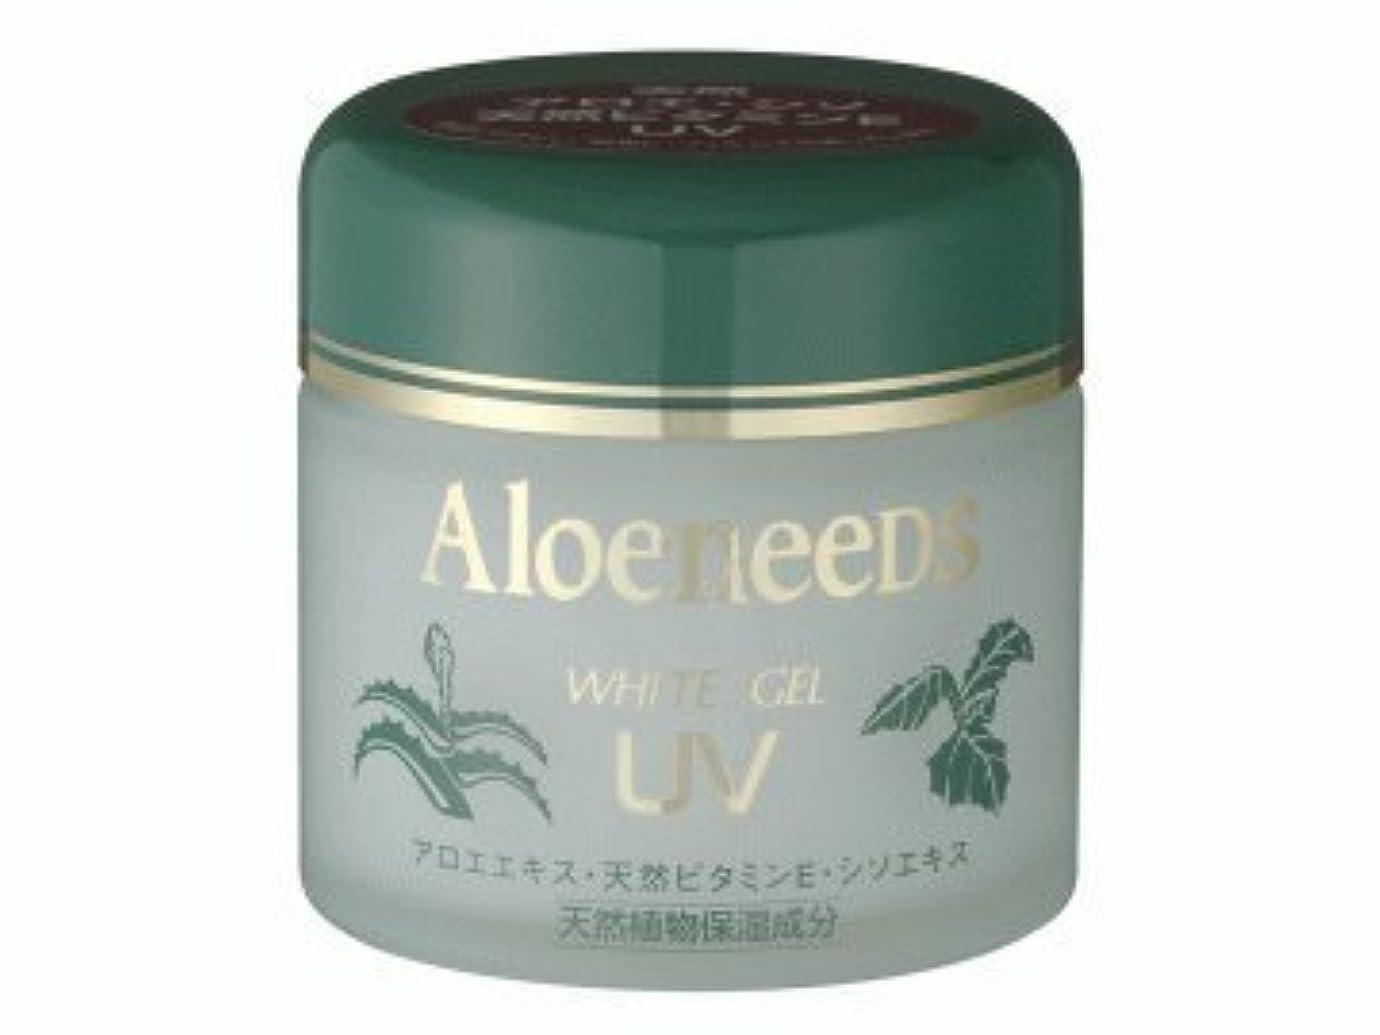 にぎやか合併症実行可能Aloeneeds アロニーズ ホワイトゲルUV 弱油性保湿ジェル 90g